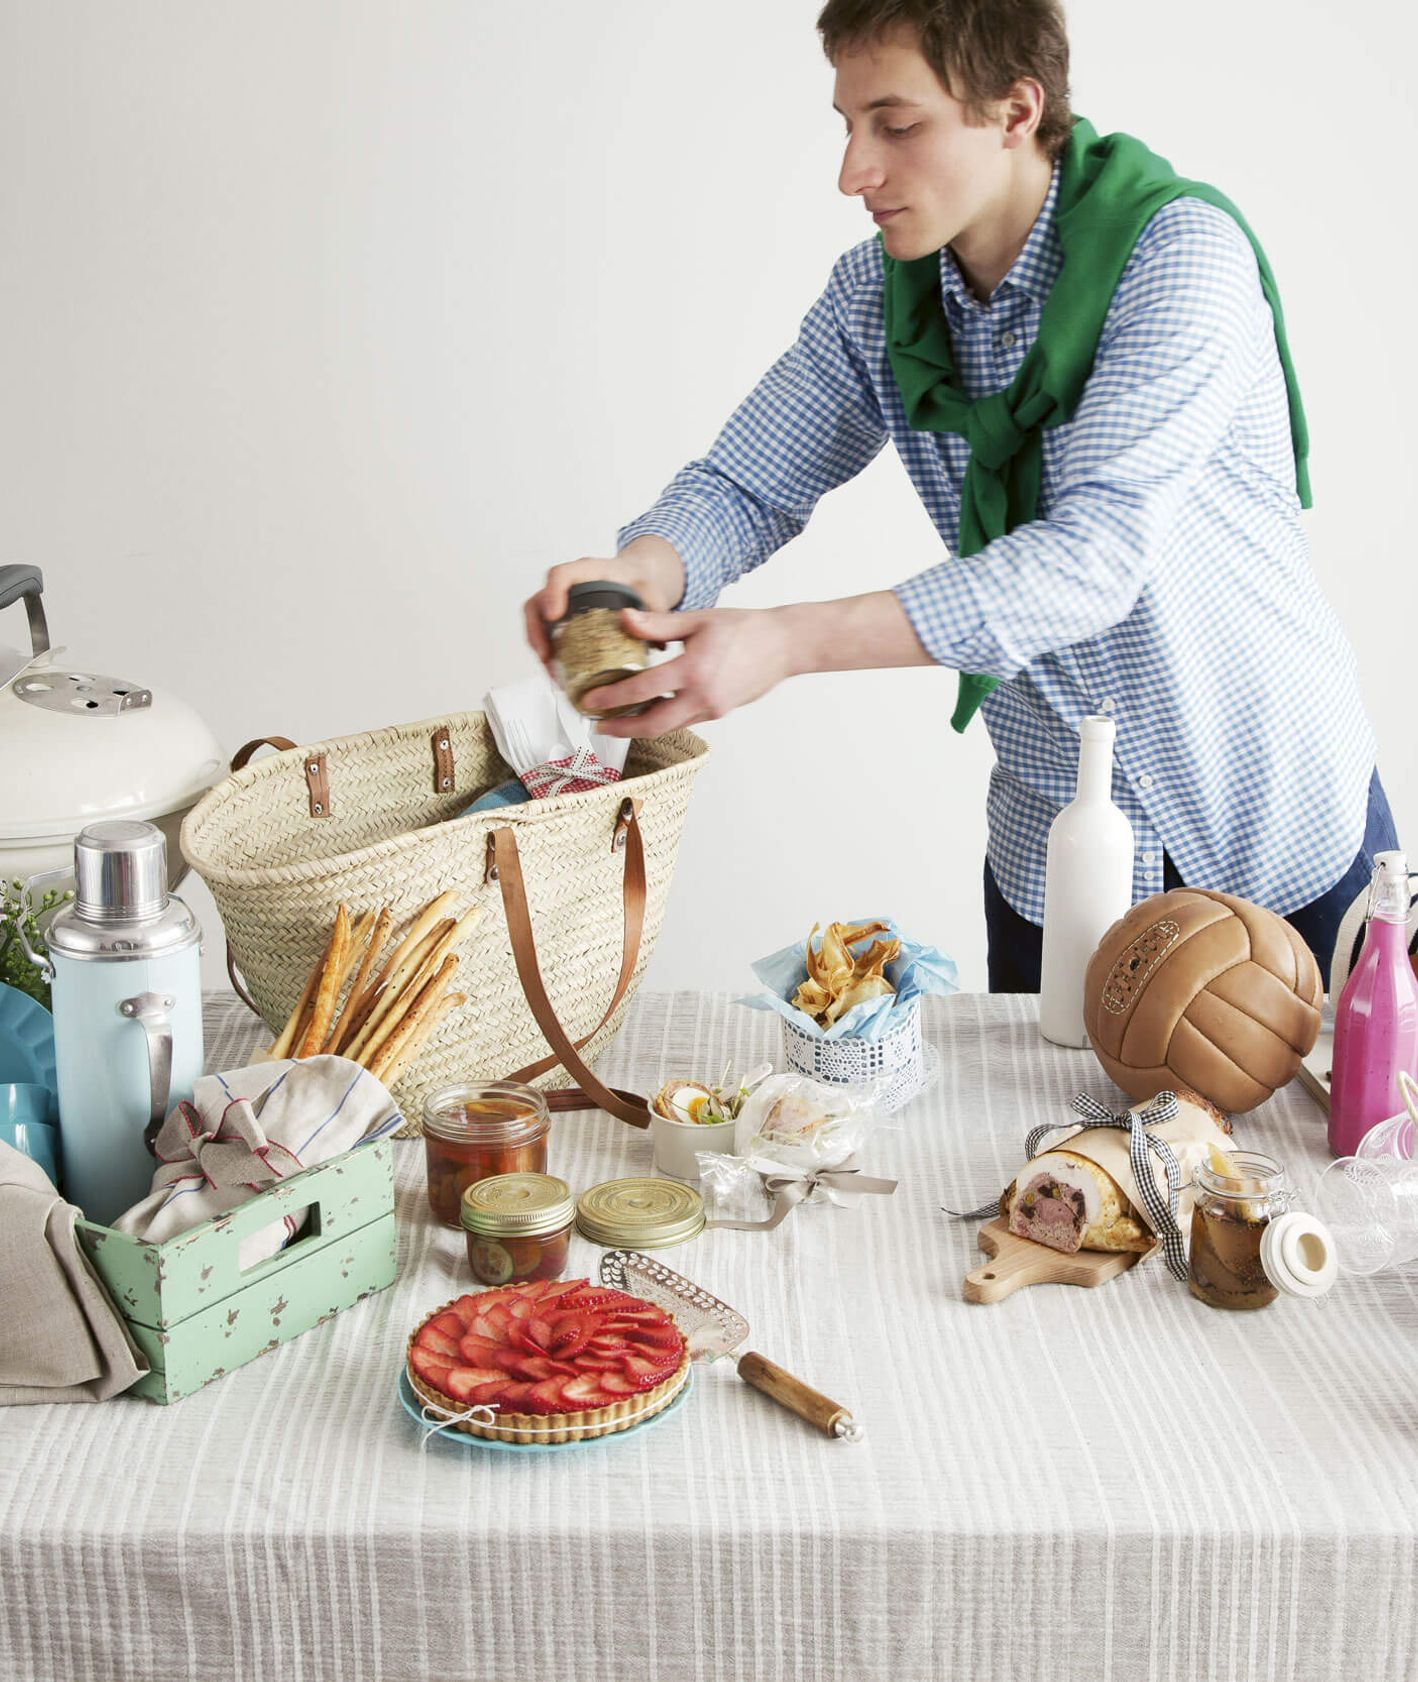 Stół przygotowany na piknik